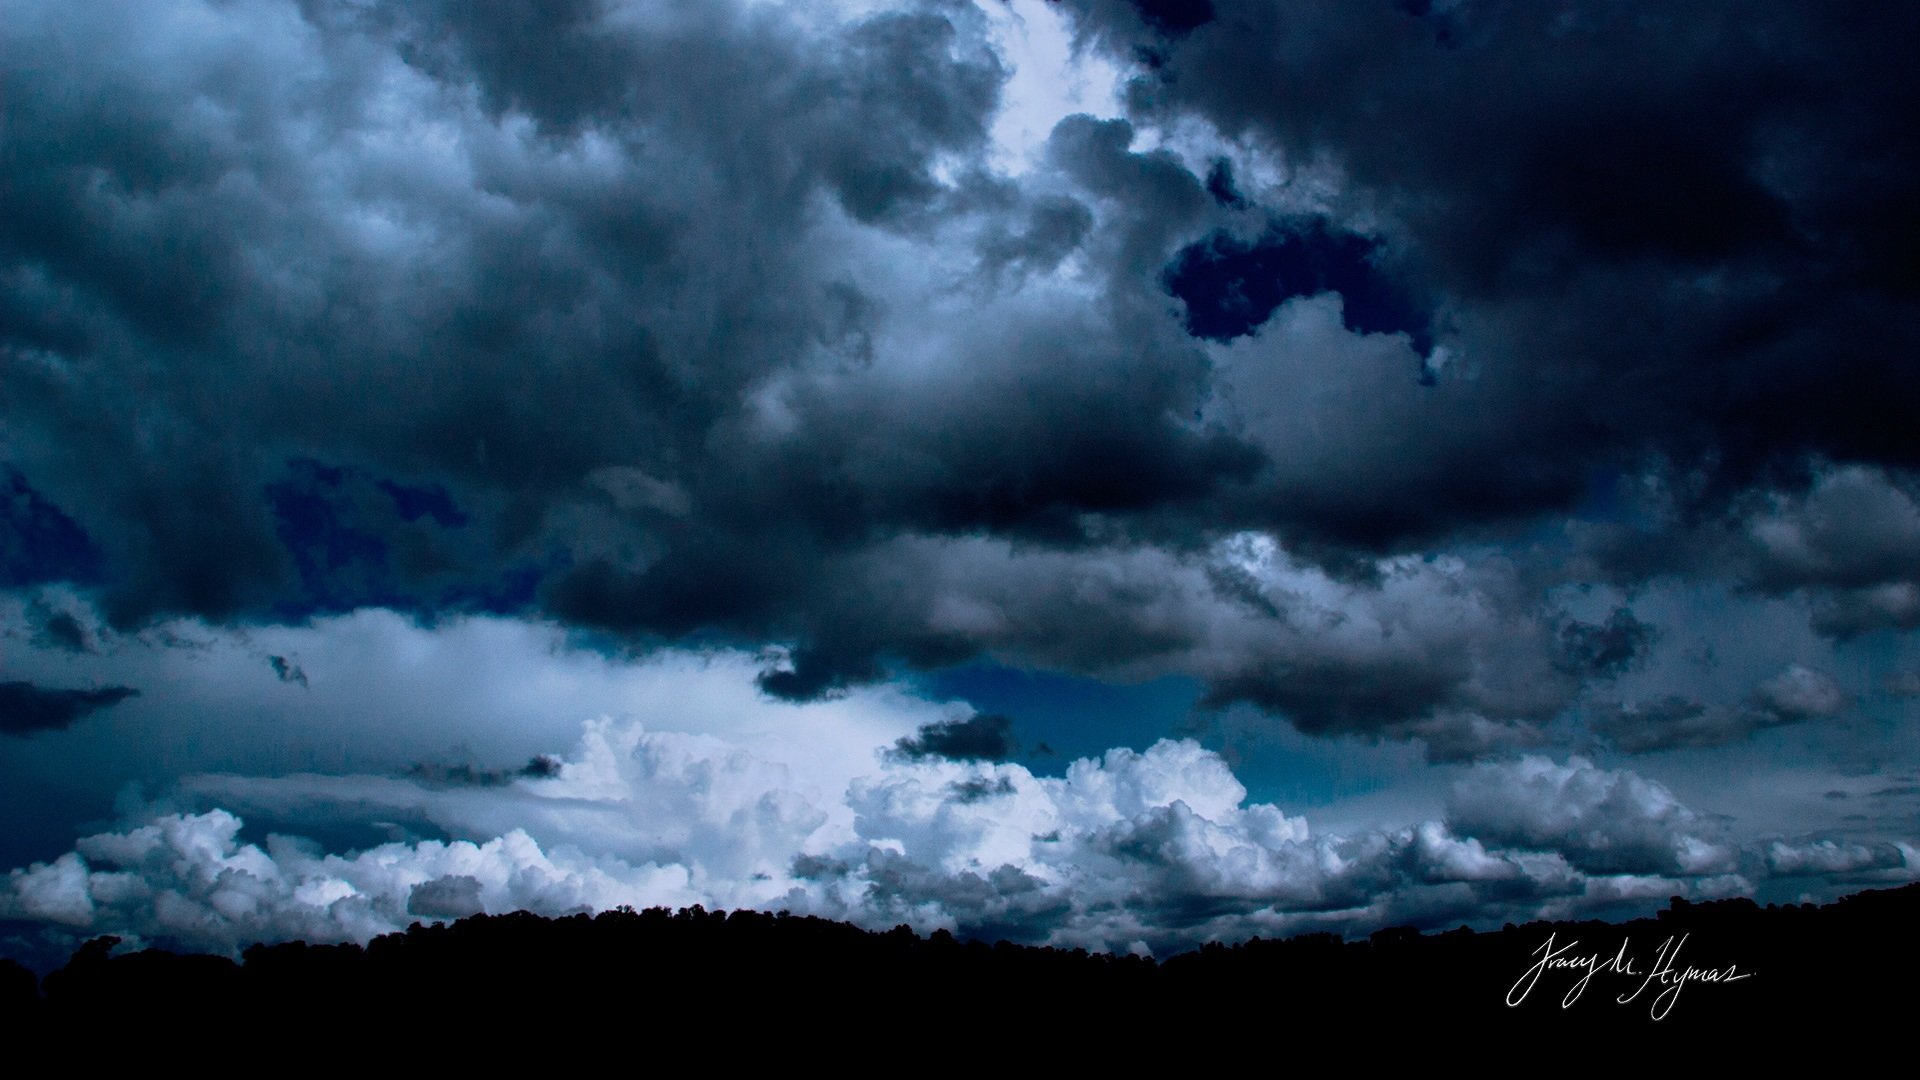 Dark Sky 1920x1080 Wallpapers 1920x1080 Wallpapers 1920x1080